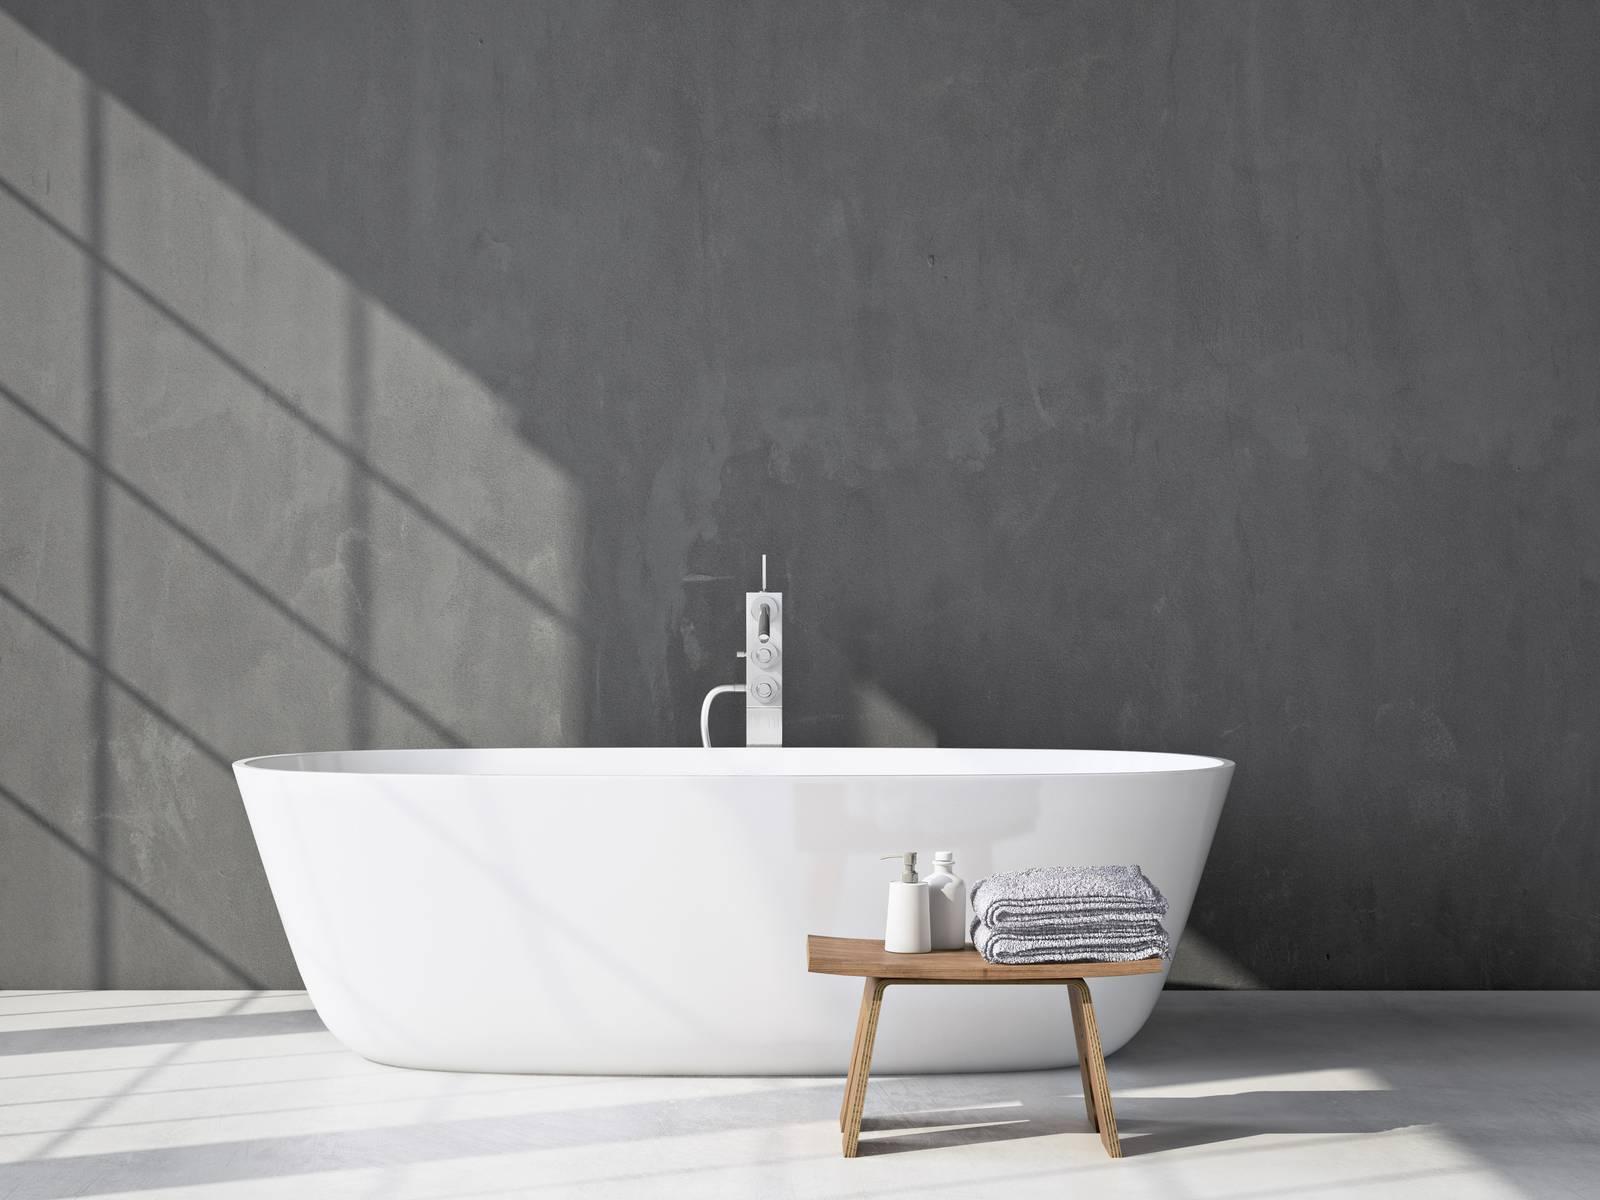 installer une baignoire îlot dans sa salle de bain | pratique.fr